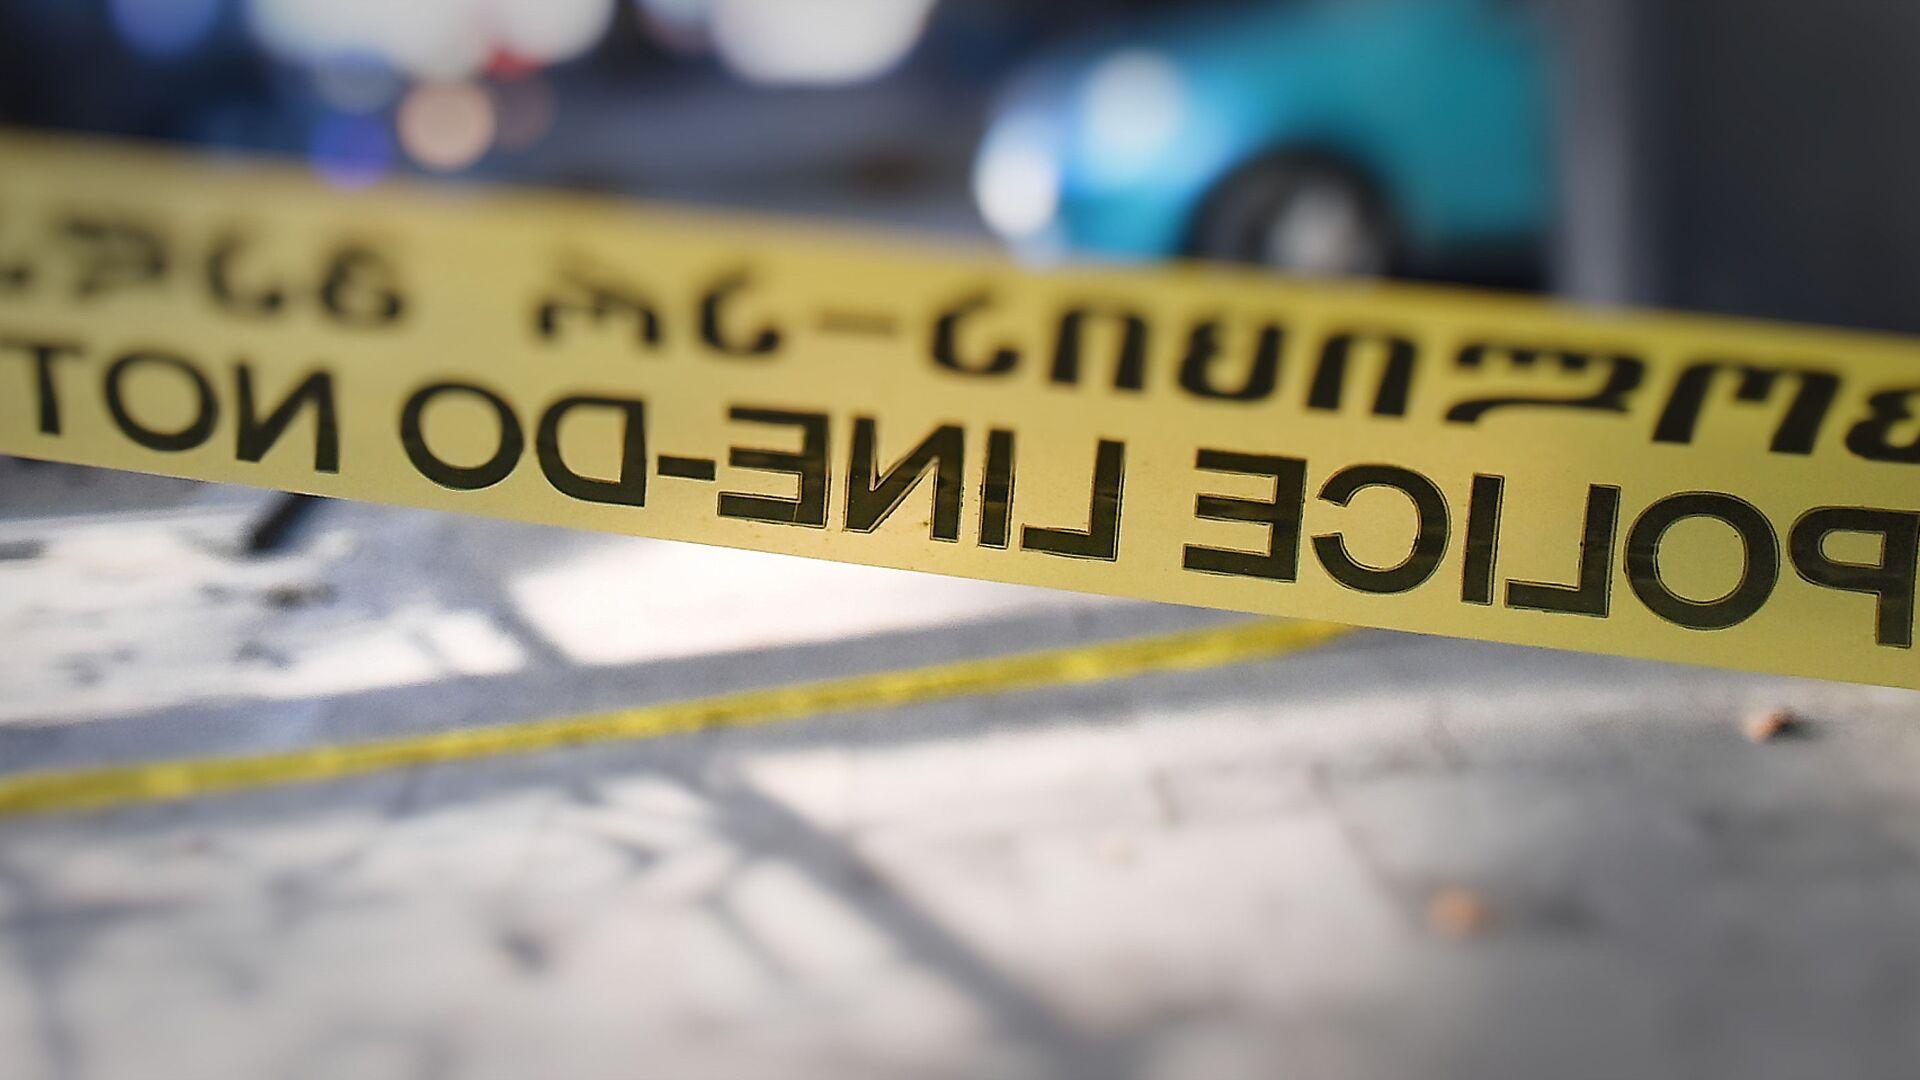 Патрульная полиция и следователи на месте происшествия. Полицейская лента - Sputnik Грузия, 1920, 19.05.2021